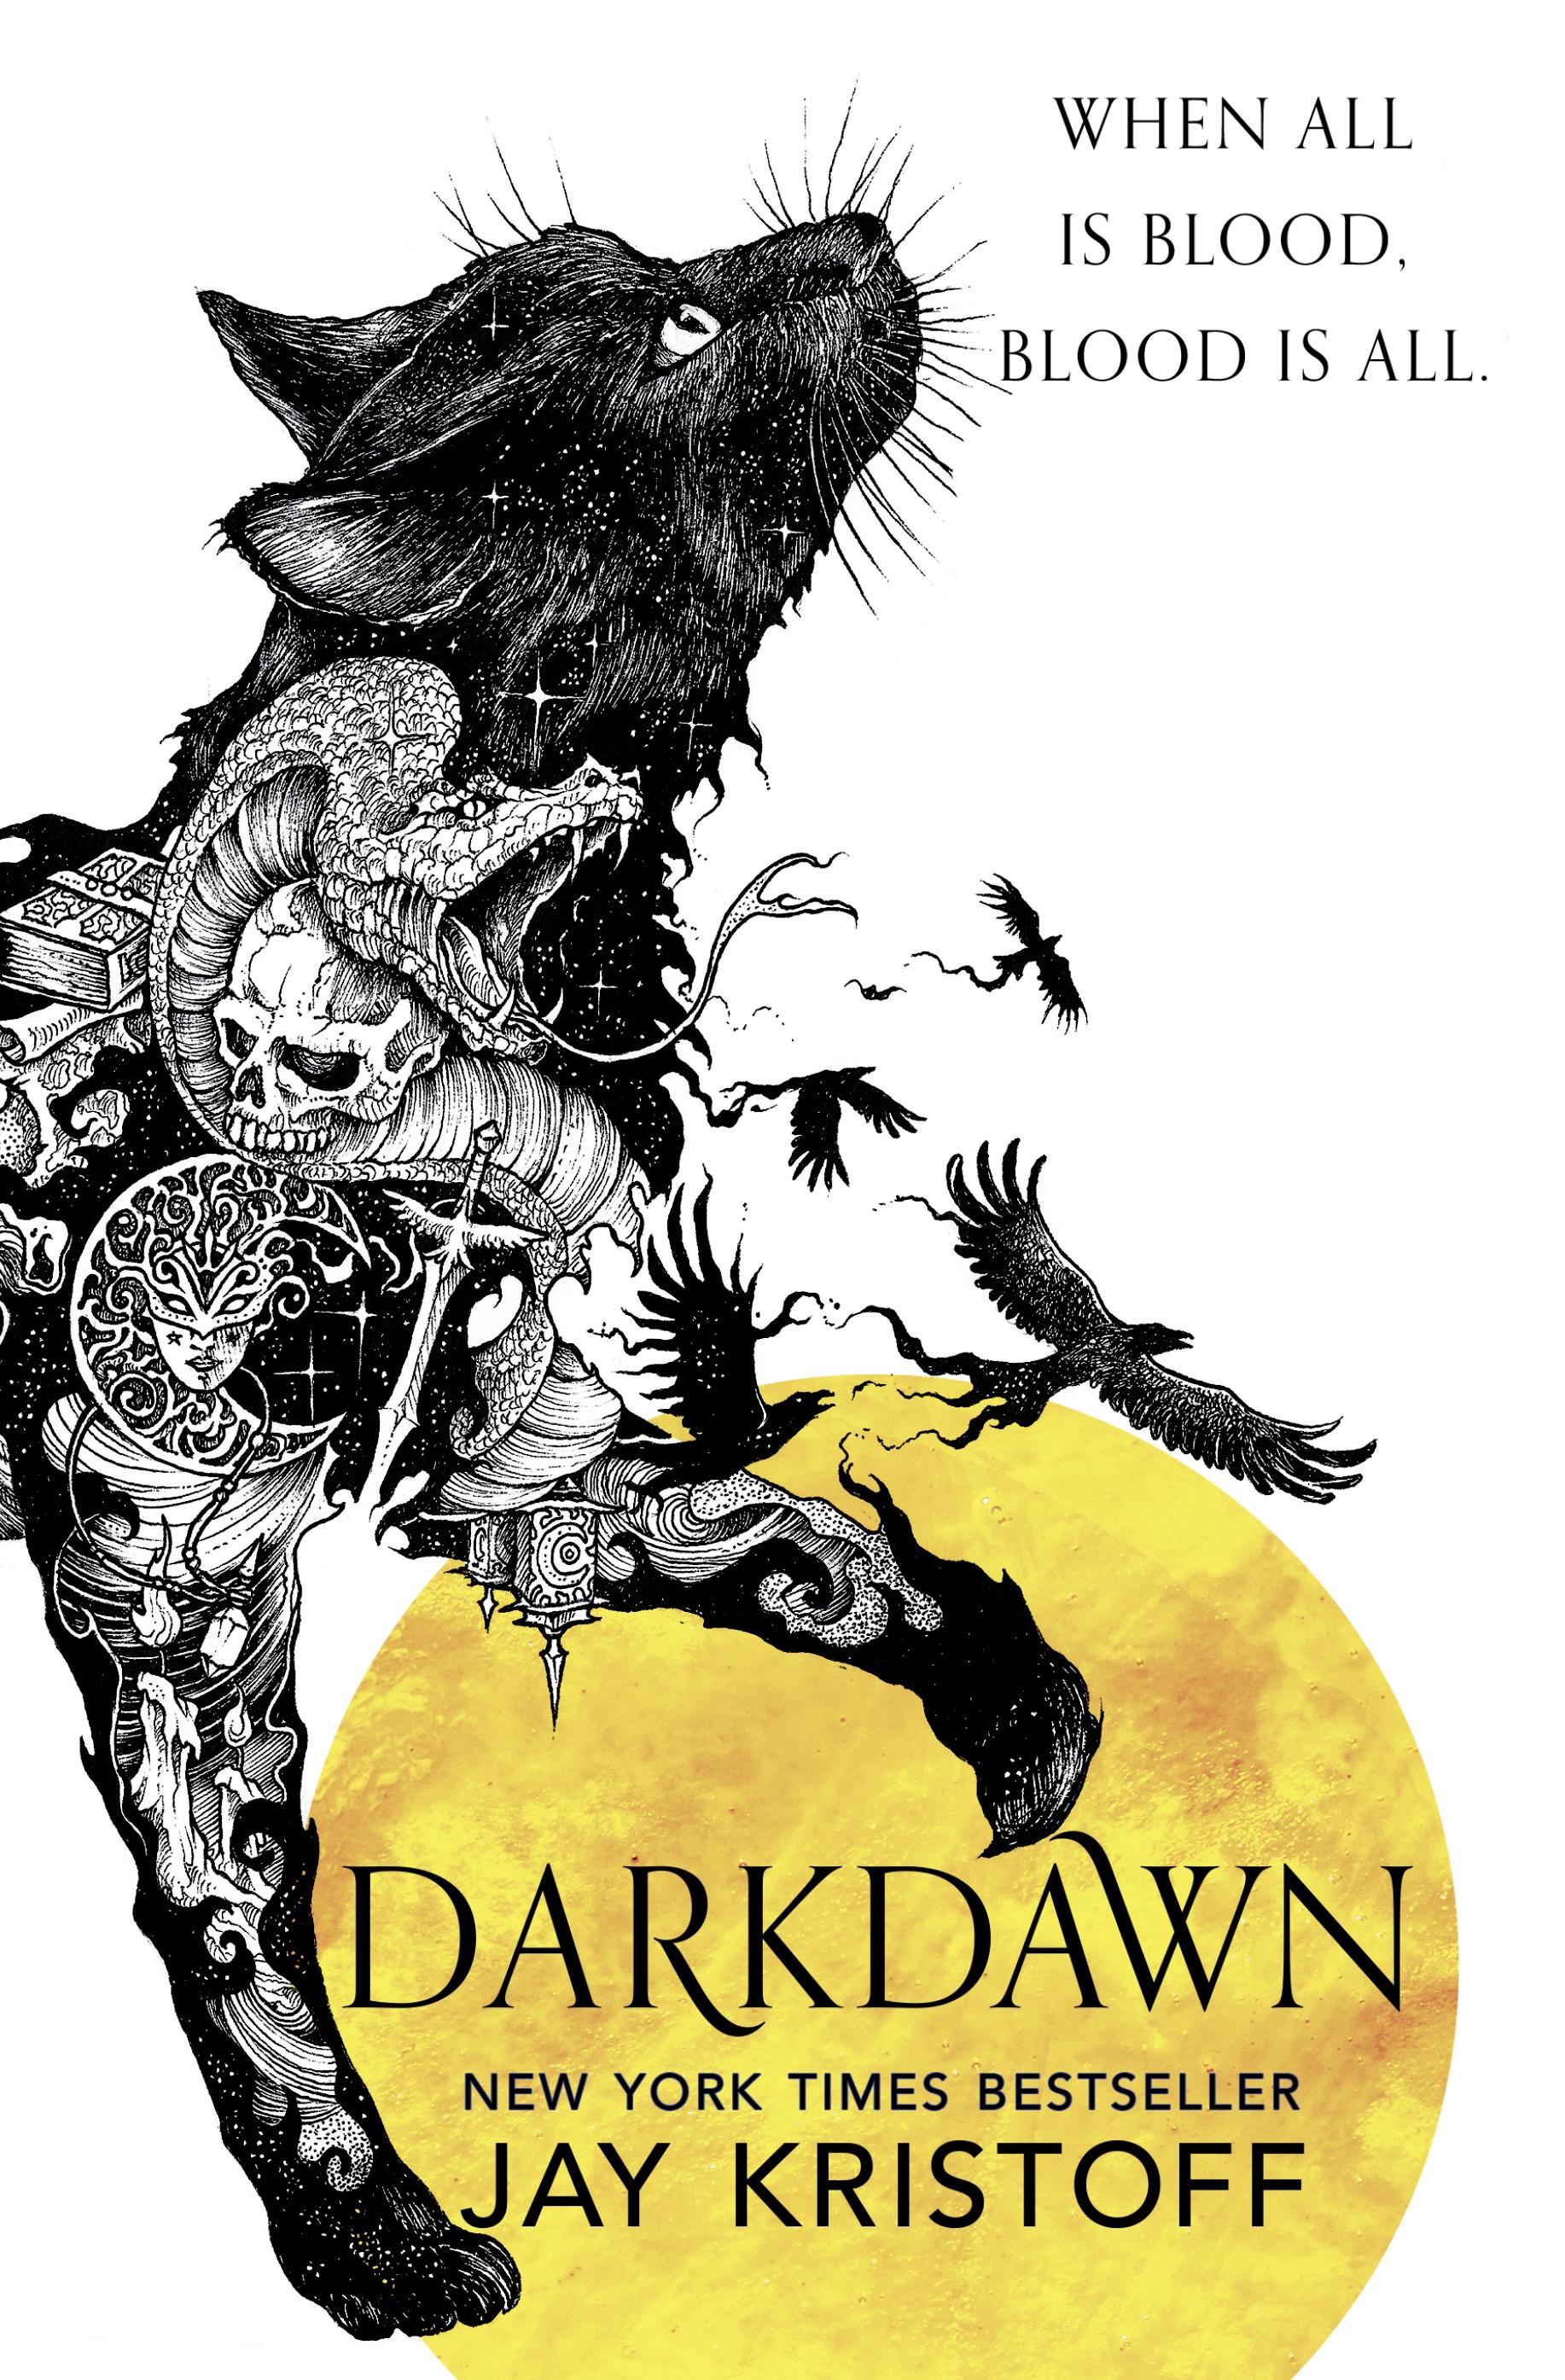 darkdawn hb1